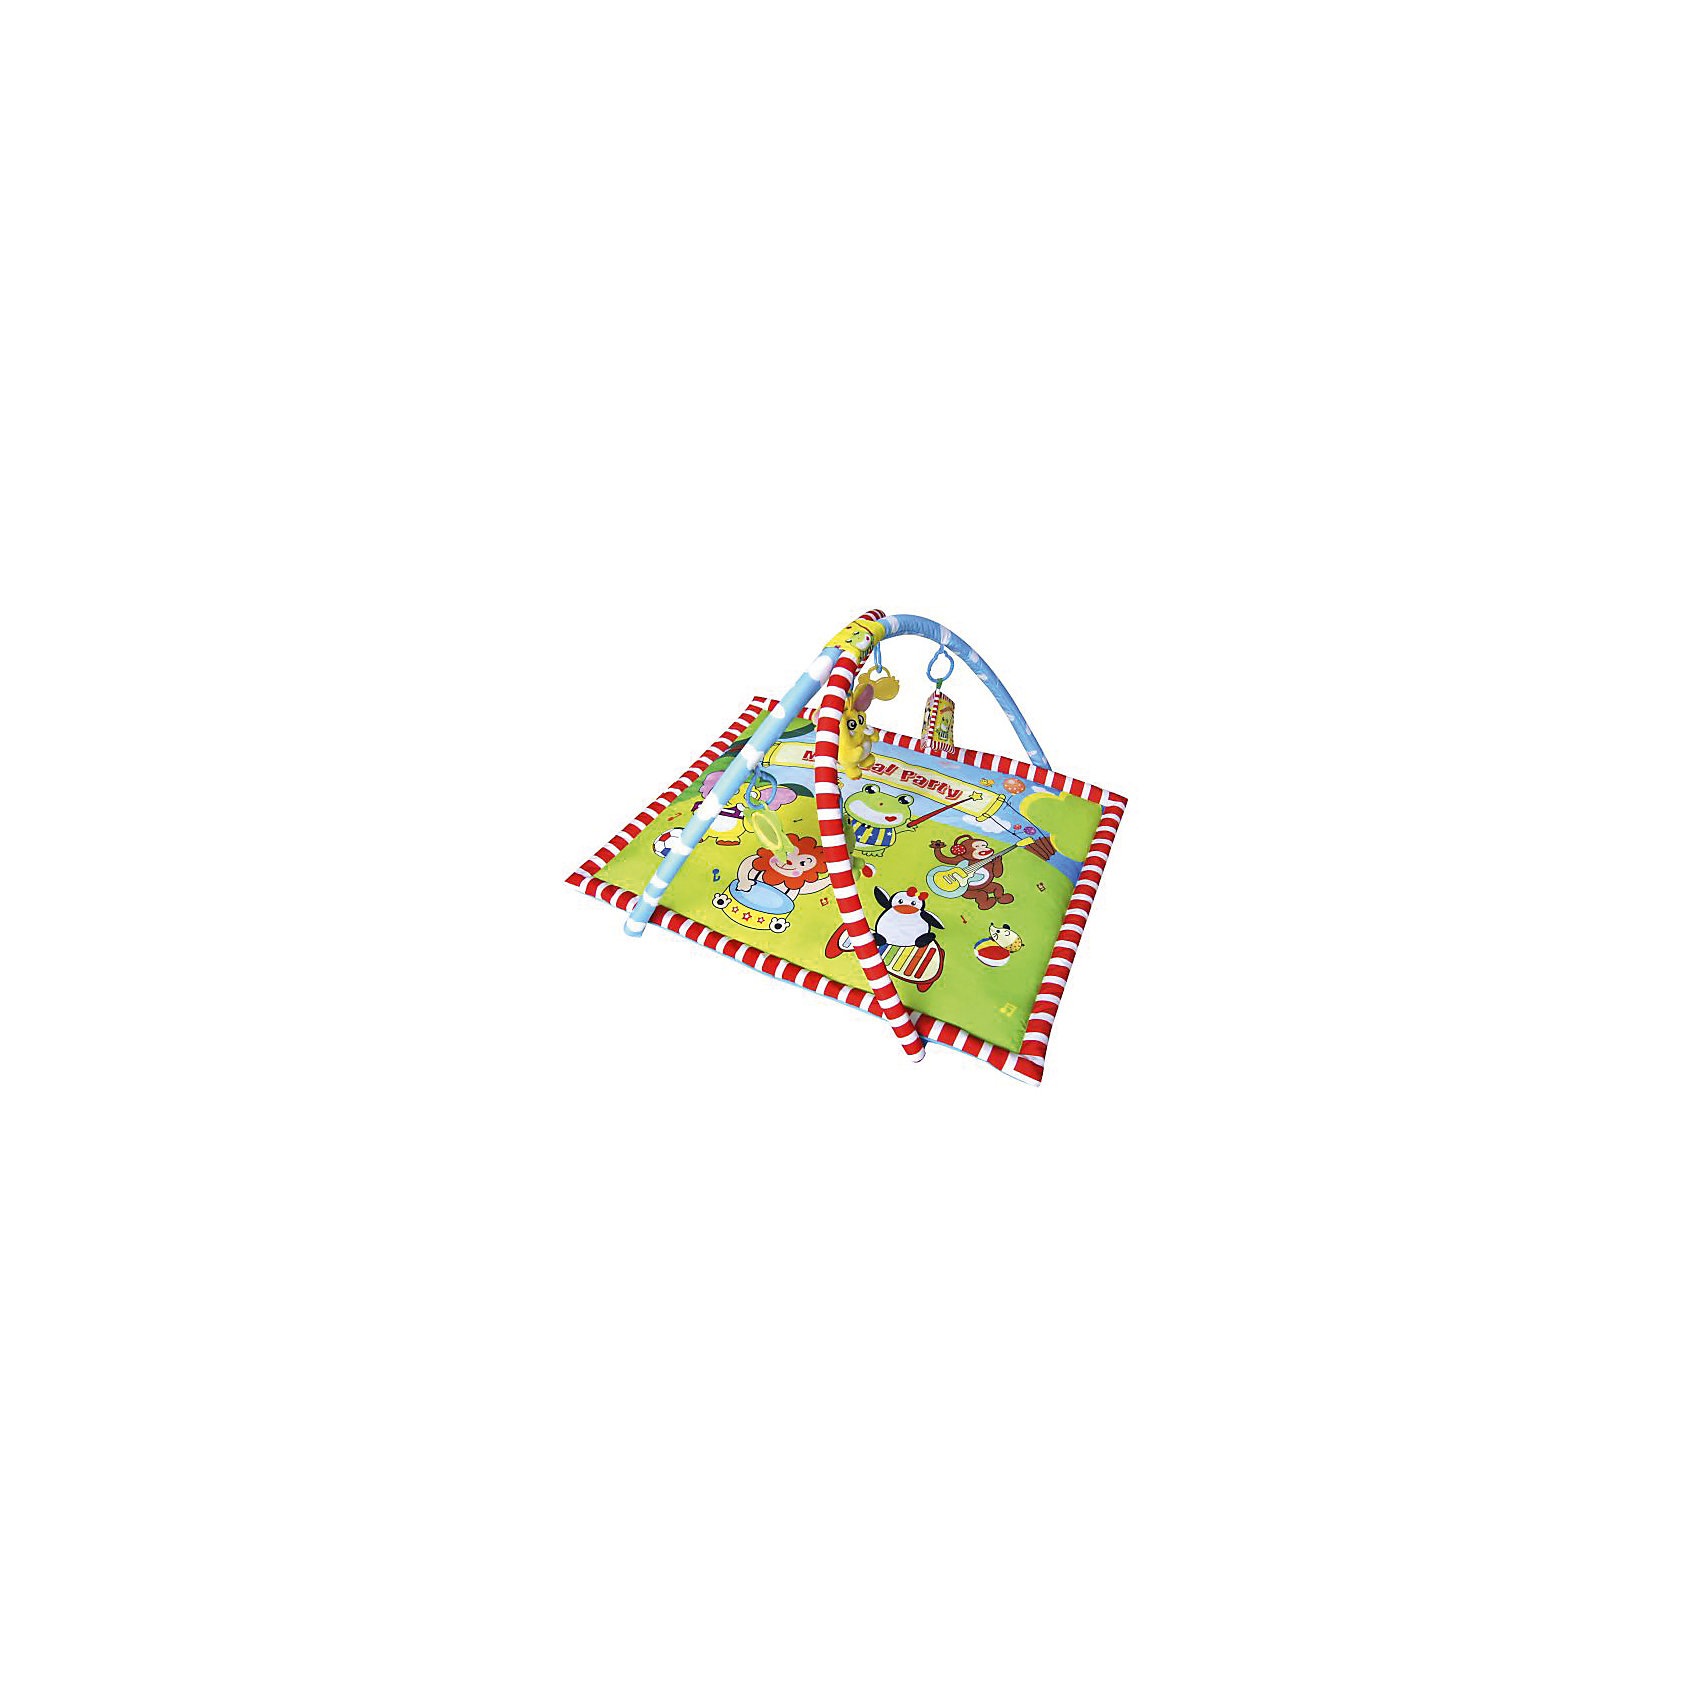 Развивающий коврик Маленький концерт, ЖирафикиРазвивающие коврики<br>Развивающий коврик Маленький концерт, от популярного бренда детских товаров Жирафики развеселит вашу кроху! На коврике изображены яркие и забавные зверята, которые перенесут малыша в страну веселых игр и помогут ему познать мир. Две яркие радужные дуги соединены между собой, на них представлены пять ярких мягких подвесных игрушек, которые прикреплены к дуге на креплениях. Эти развивающие игрушки приятны на ощупь и сделаны из разных текстур и сочетаний цветов для развития тактильного и визуального восприятия, также они шуршат, мягкая книжка пищит, что позволяет ребенку развить звуковые навыки. Также в комплект входит игрушка-прорезыватель для зубов и мягкое подвесное зеркальце. Маленький концерт При желании имеется возможность подвесить на коврик свои любимые игрушки-подвески или игрушки от марки Жирафики.<br><br>Дополнительная информация:<br><br>- В комплект входит: 1 коврик, 2 дуги, 5 подвесок <br>- Материал: АБС пластик, текстиль<br>- Размер: 56 * 59 * 7 см<br><br>Развивающий коврик Маленький концерт, Жирафики можно купить в нашем интернет-магазине.<br><br>Подробнее:<br>• Для детей в возрасте: от 0 до 12 месяцев<br>• Номер товара: 4925521<br>Страна производитель: Китай<br><br>Ширина мм: 590<br>Глубина мм: 65<br>Высота мм: 555<br>Вес г: 9750<br>Возраст от месяцев: 0<br>Возраст до месяцев: 36<br>Пол: Унисекс<br>Возраст: Детский<br>SKU: 4925521